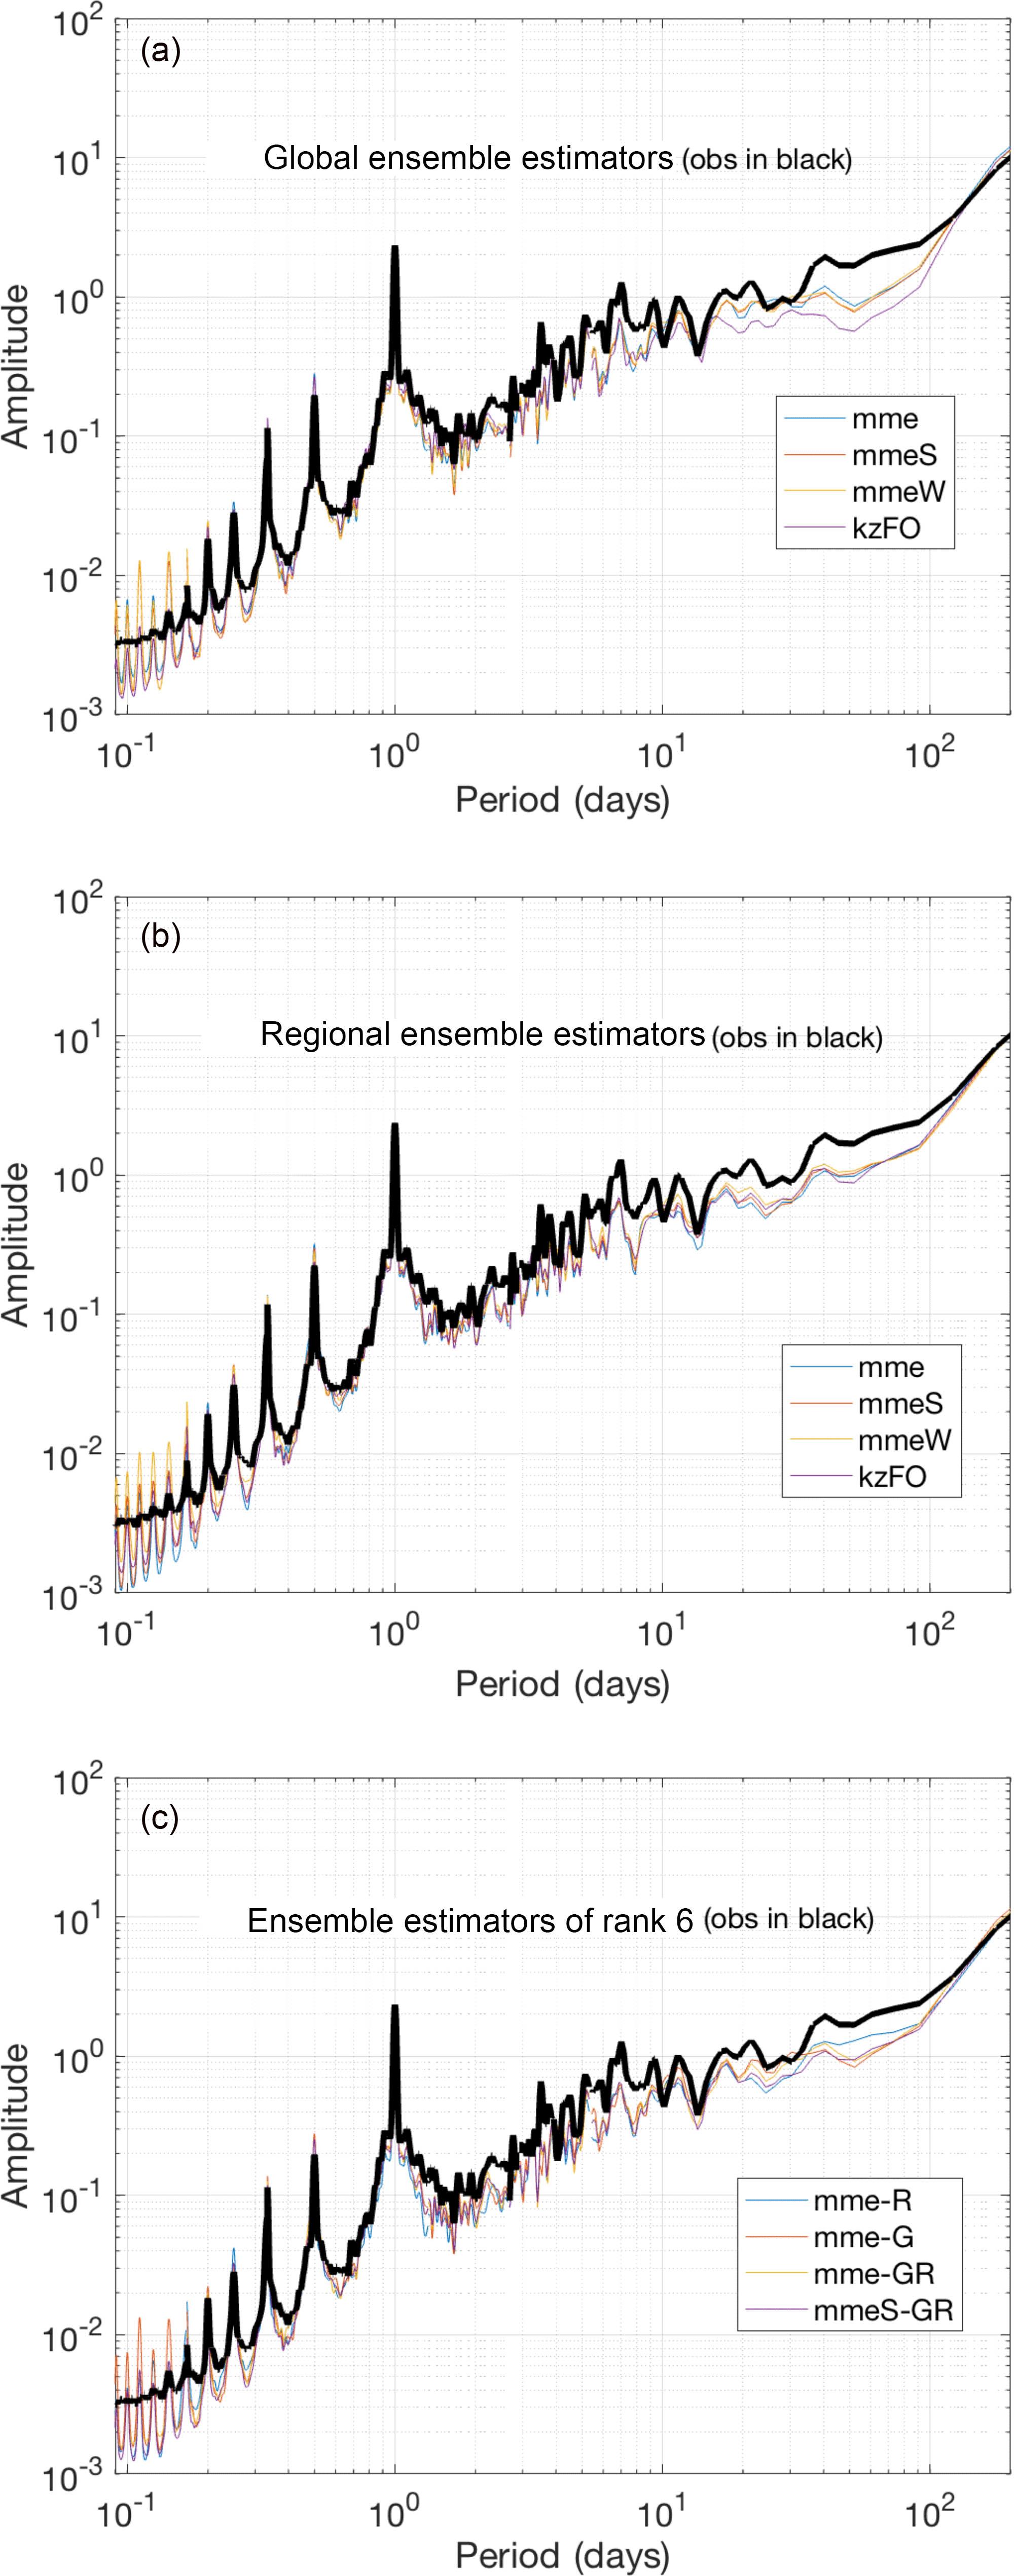 ACP - Two-scale multi-model ensemble: is a hybrid ensemble of